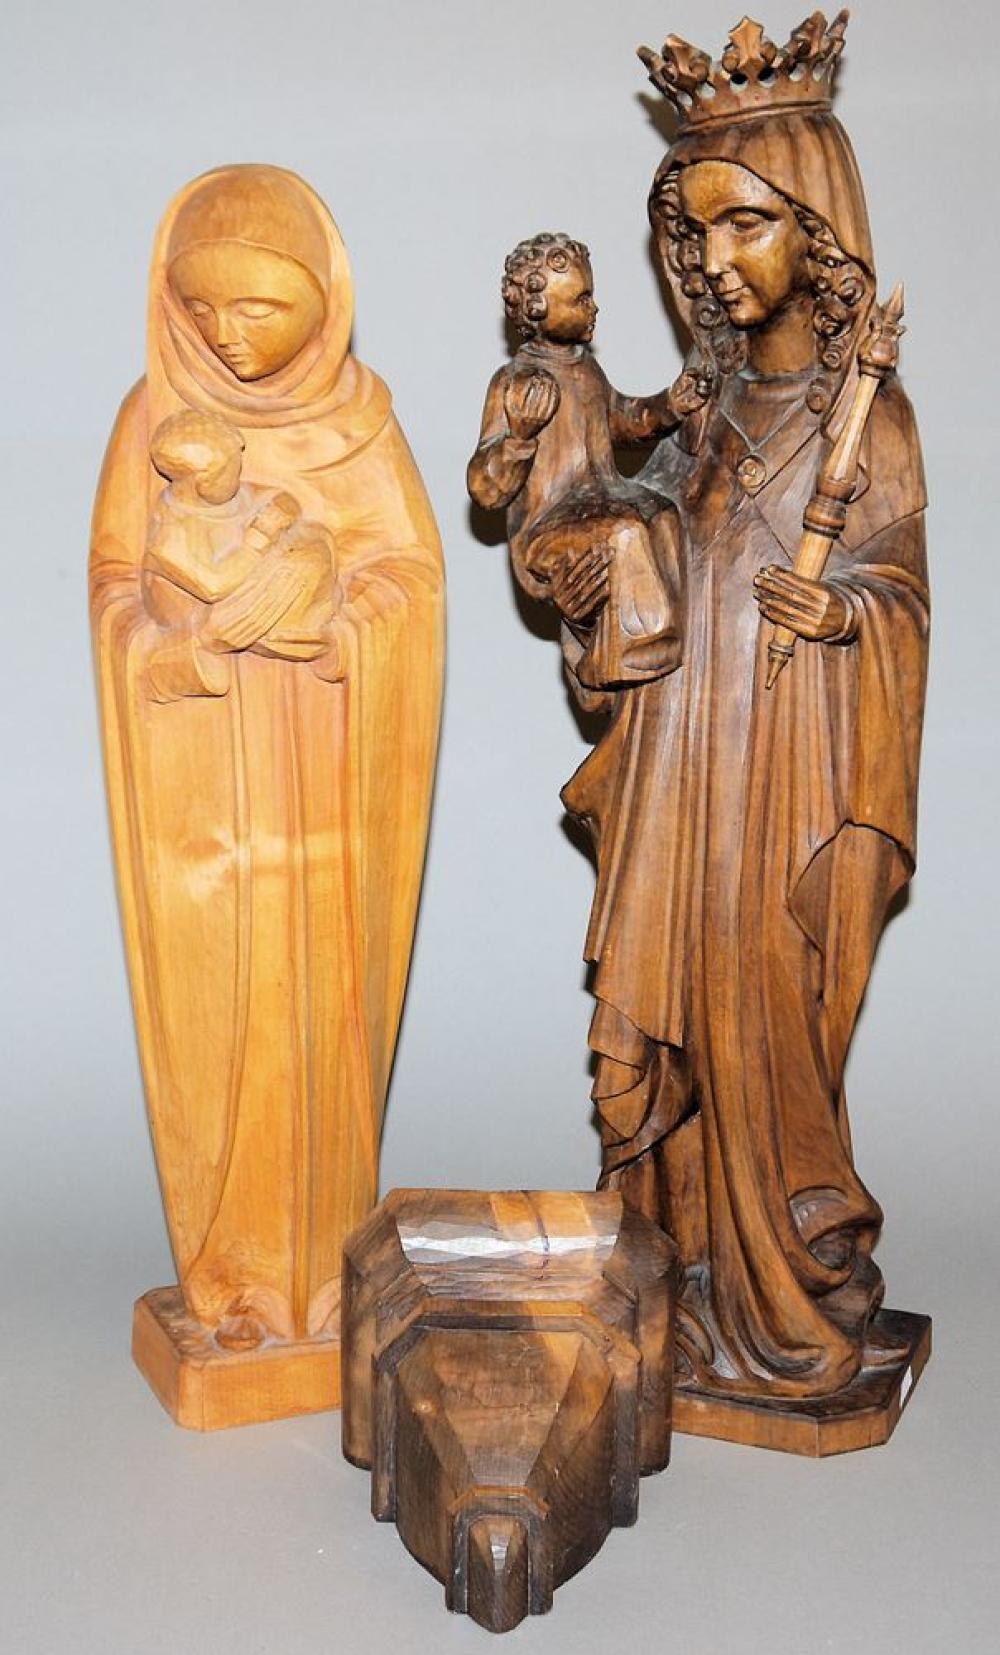 Zwei Holzskulpturen Madonnen, Monogrammist F.D. um 1920